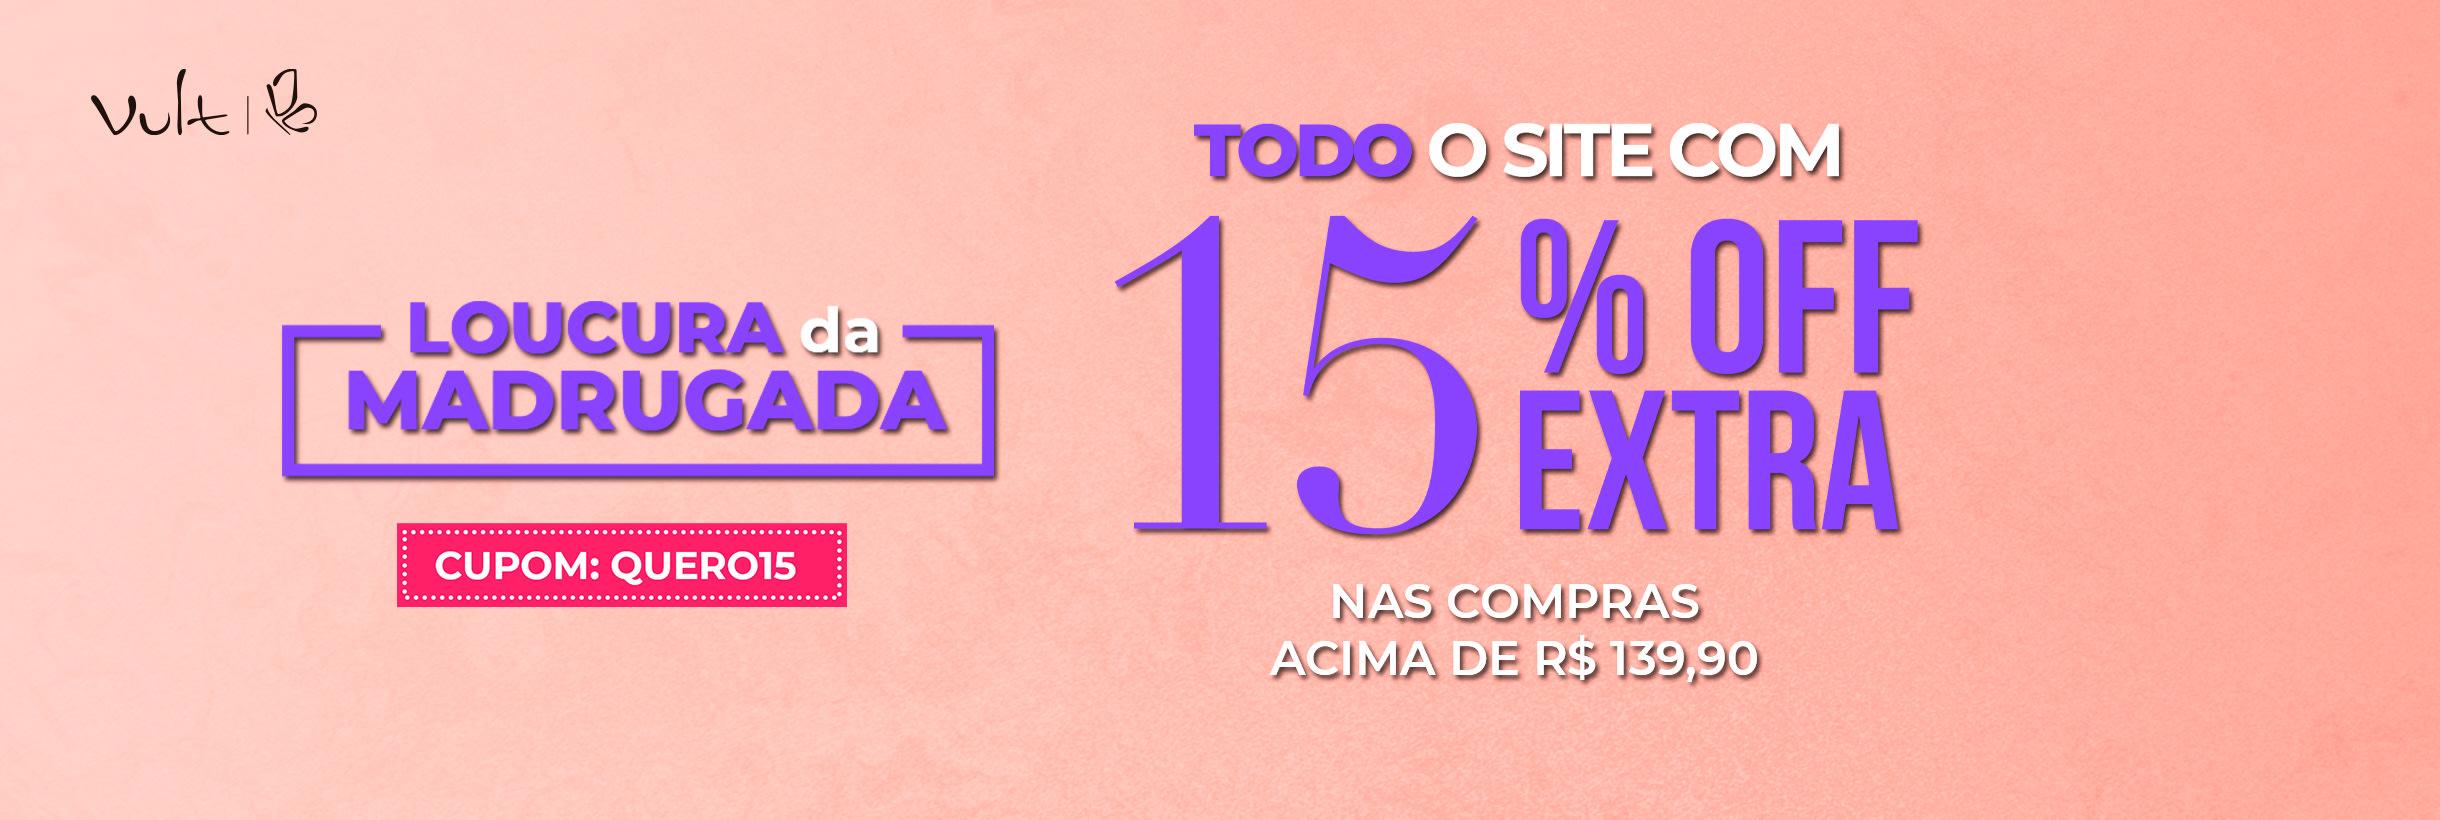 TODO o site com 15% OFF EXTRA nas compras acima de R$ 139,90